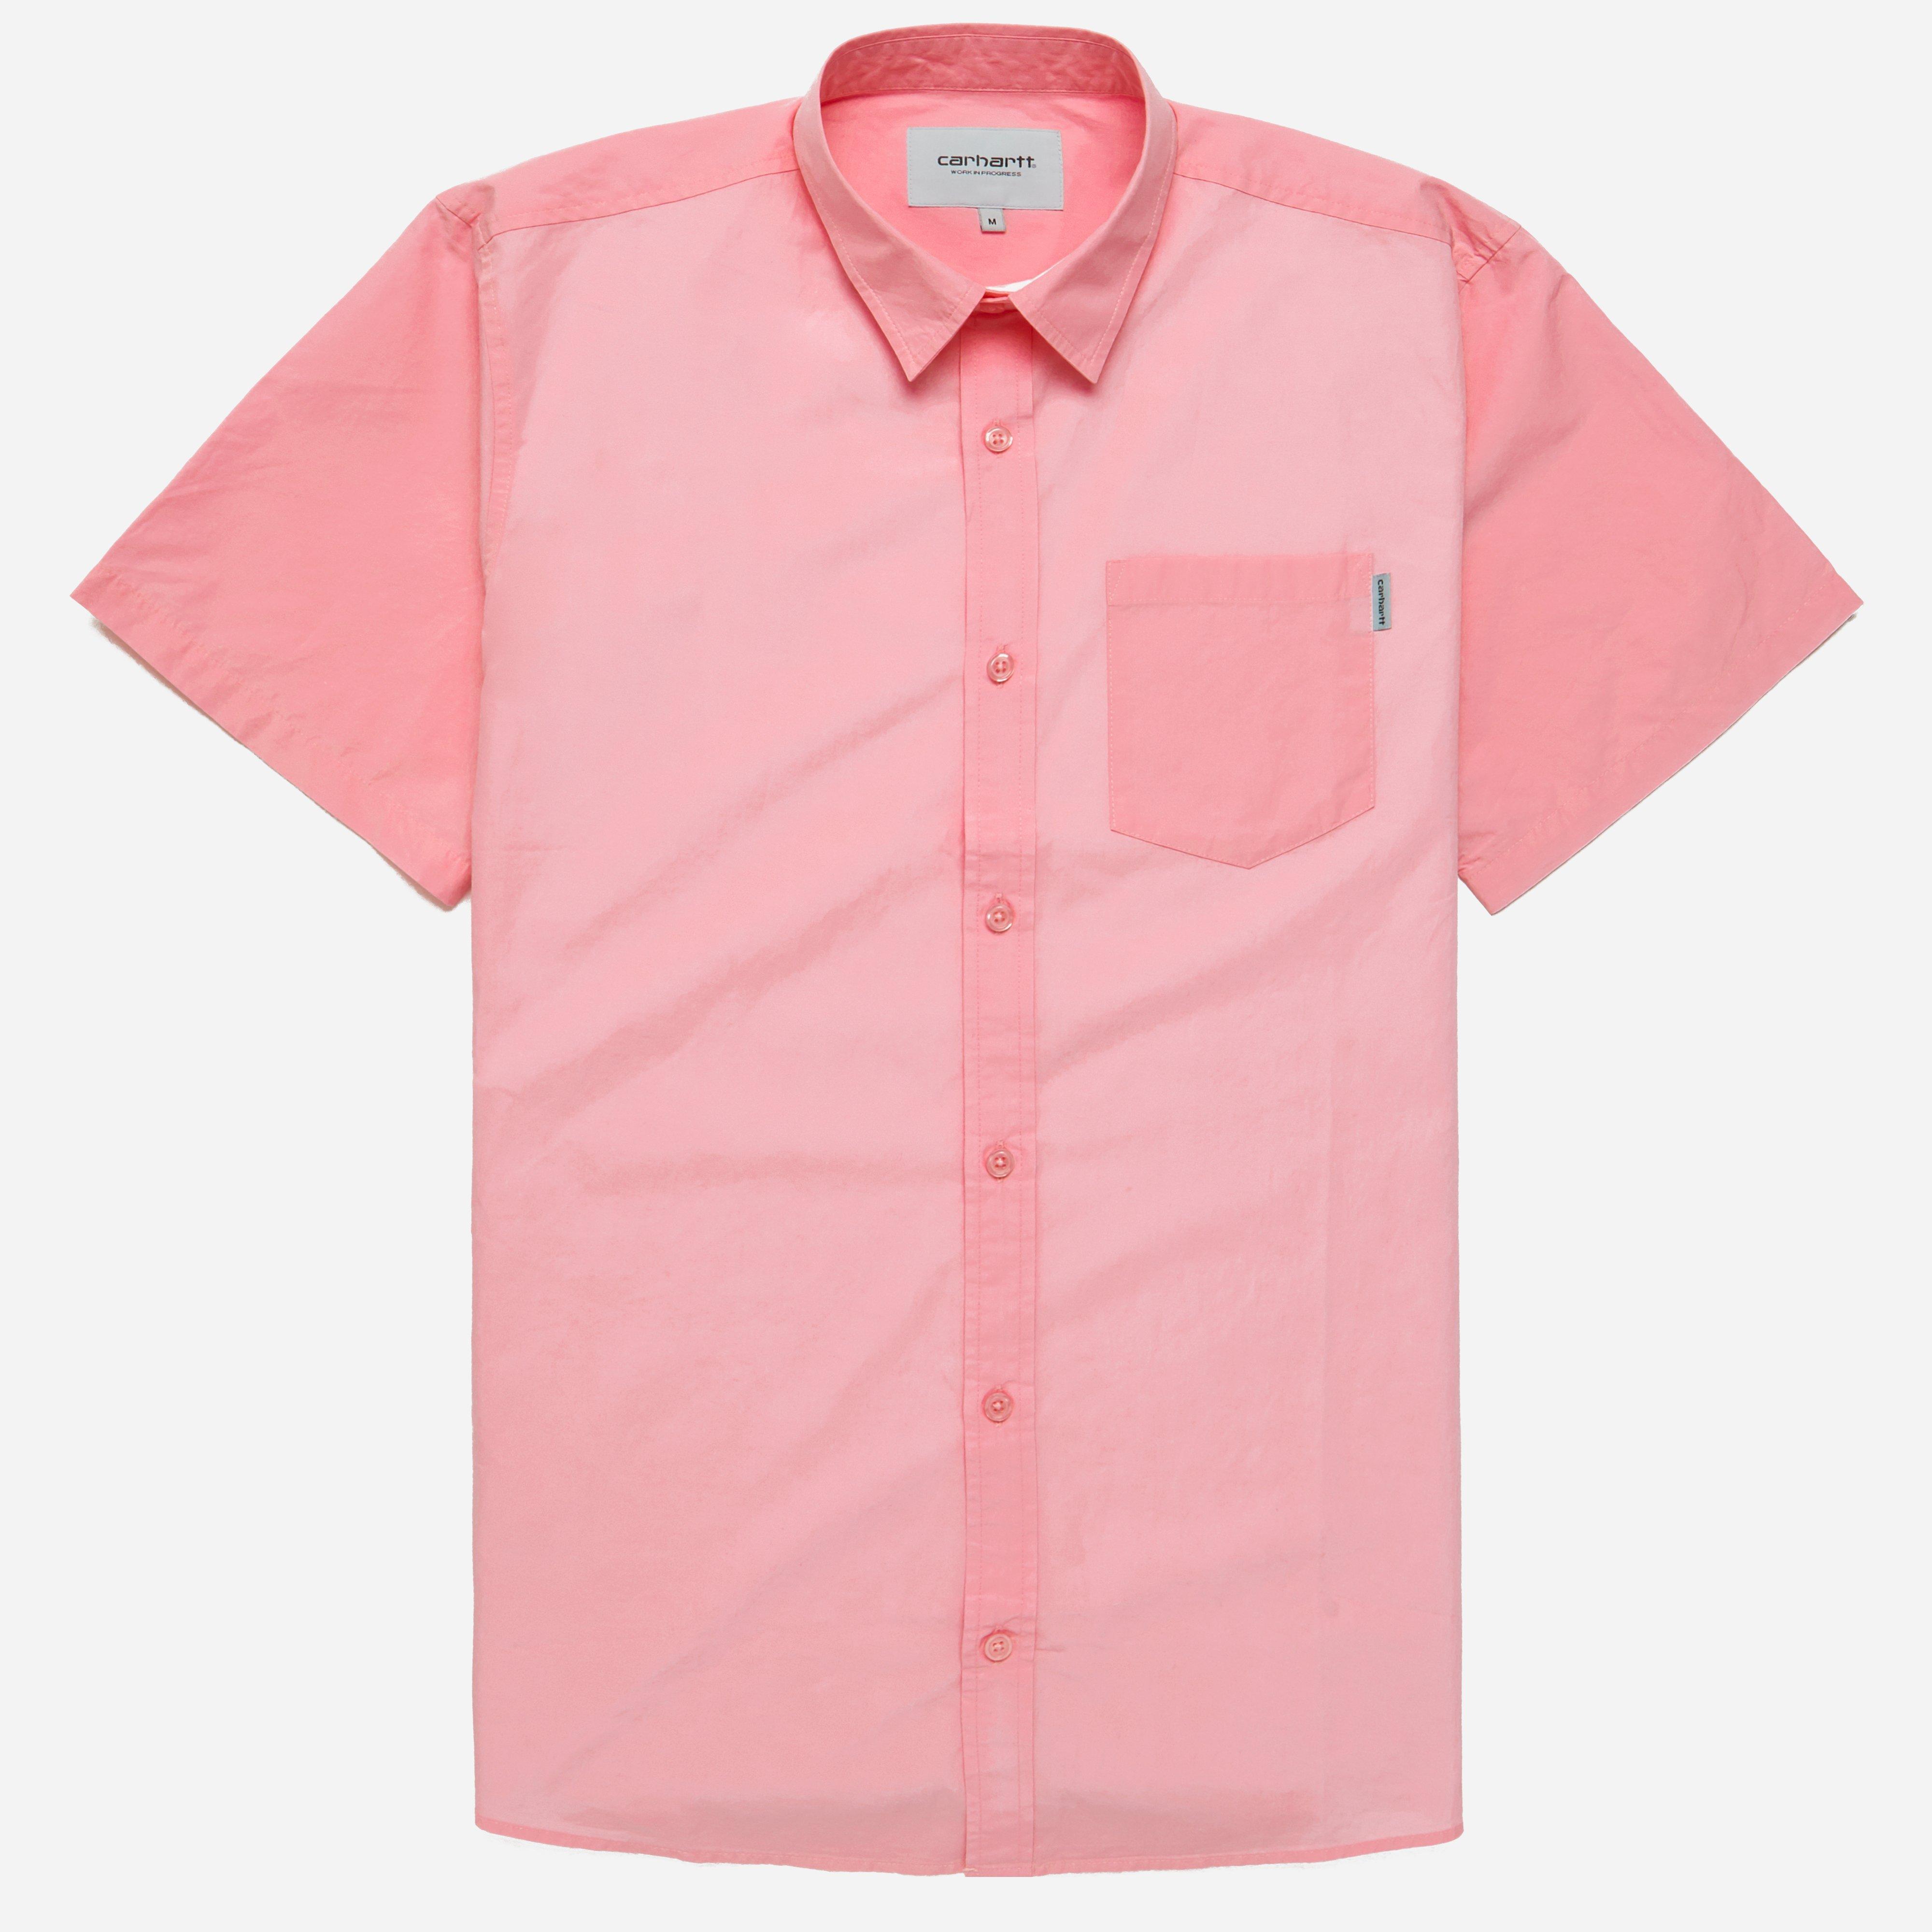 Carhartt SS Wesley Shirt